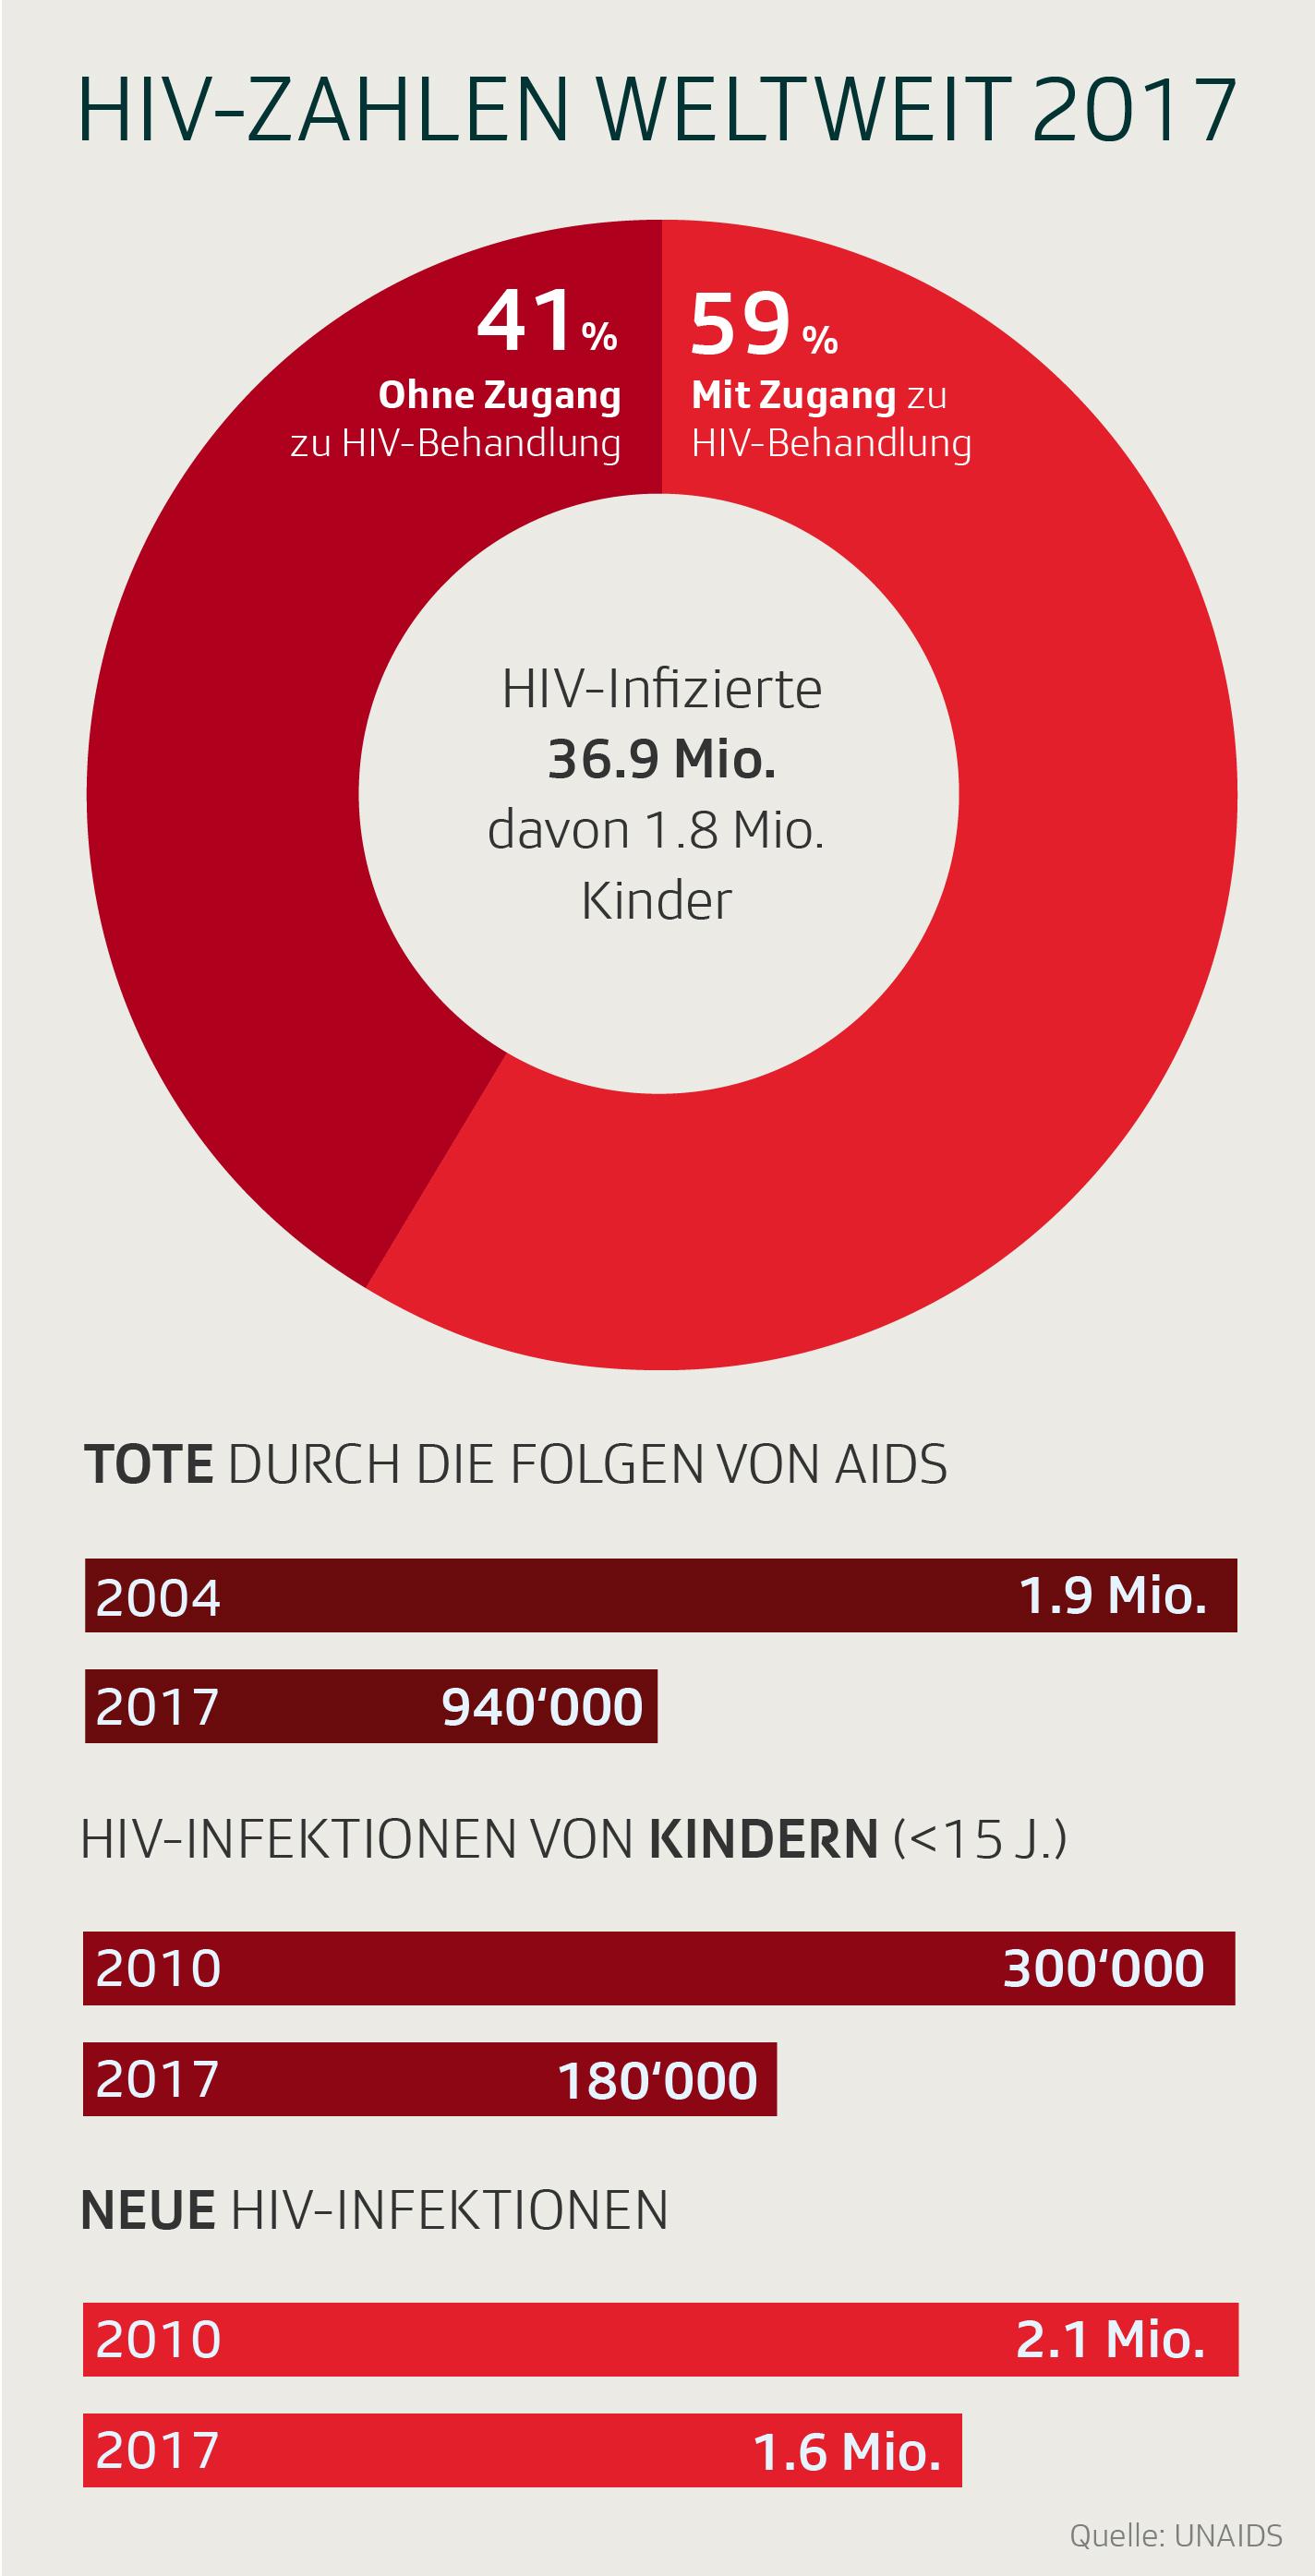 Hiv weltweit